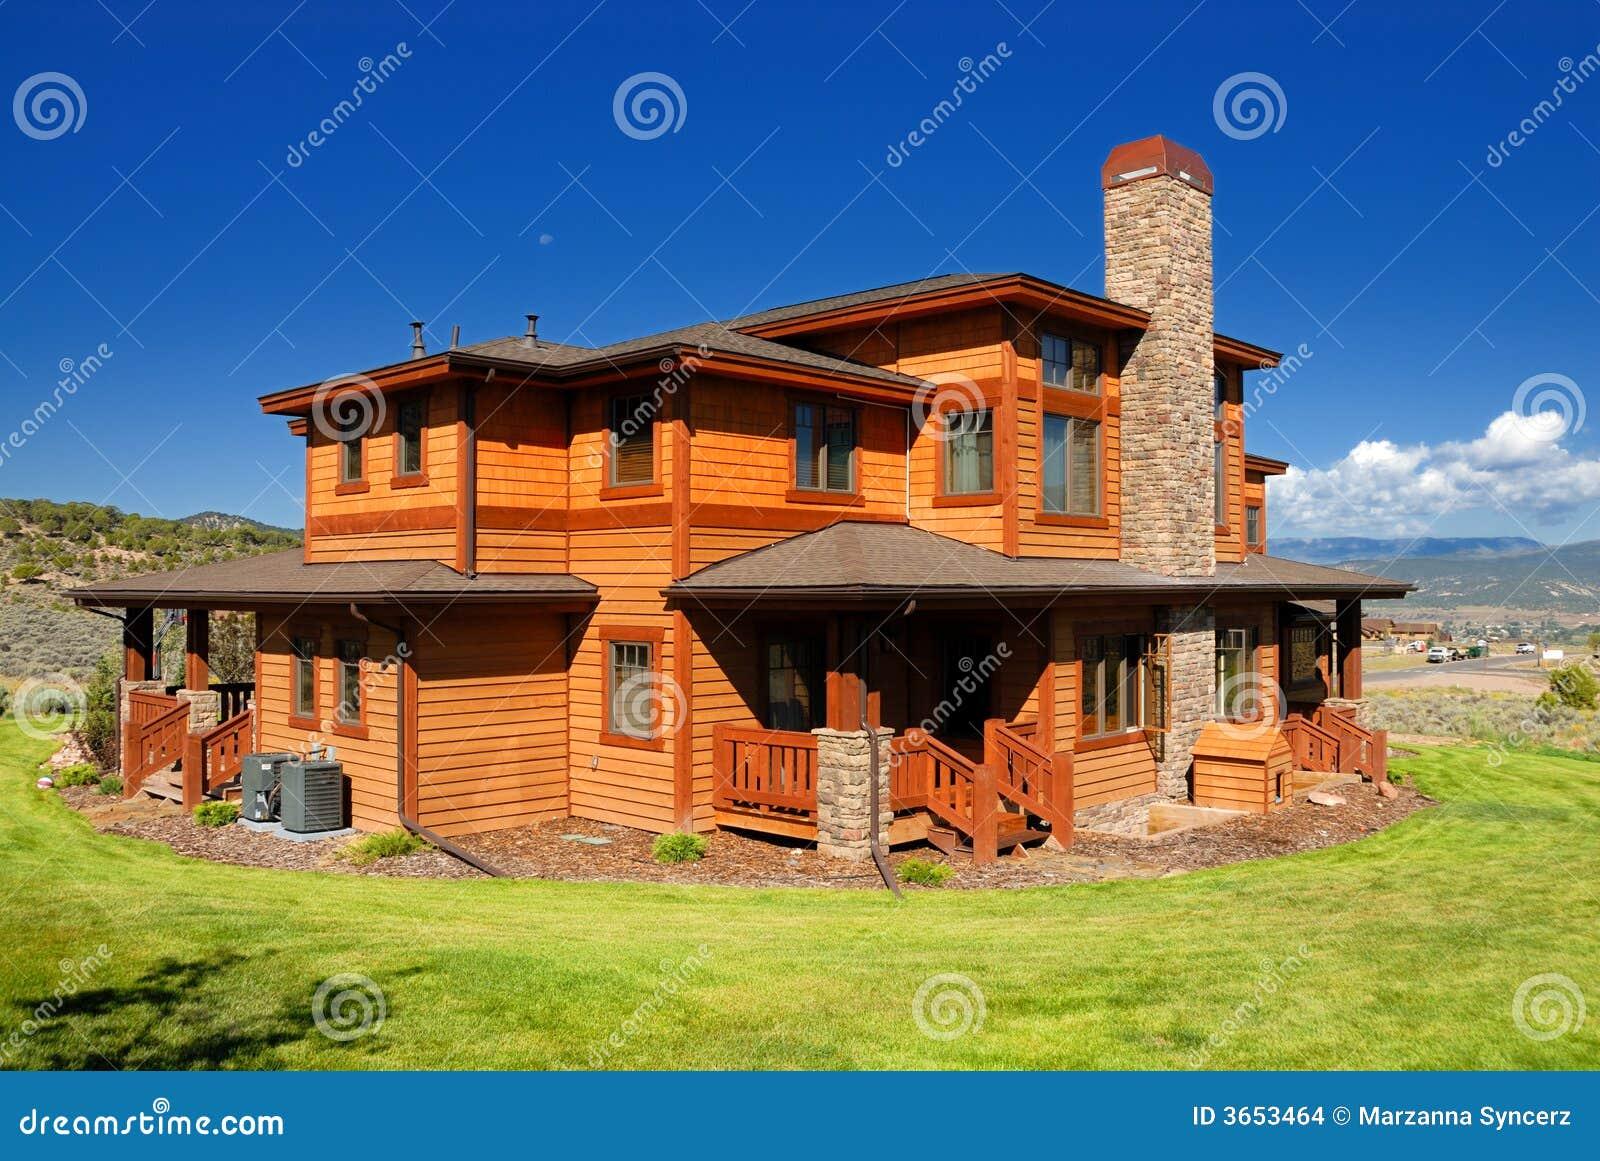 Casa arancione in colorado immagini stock immagine 3653464 for Casa coloniale americana